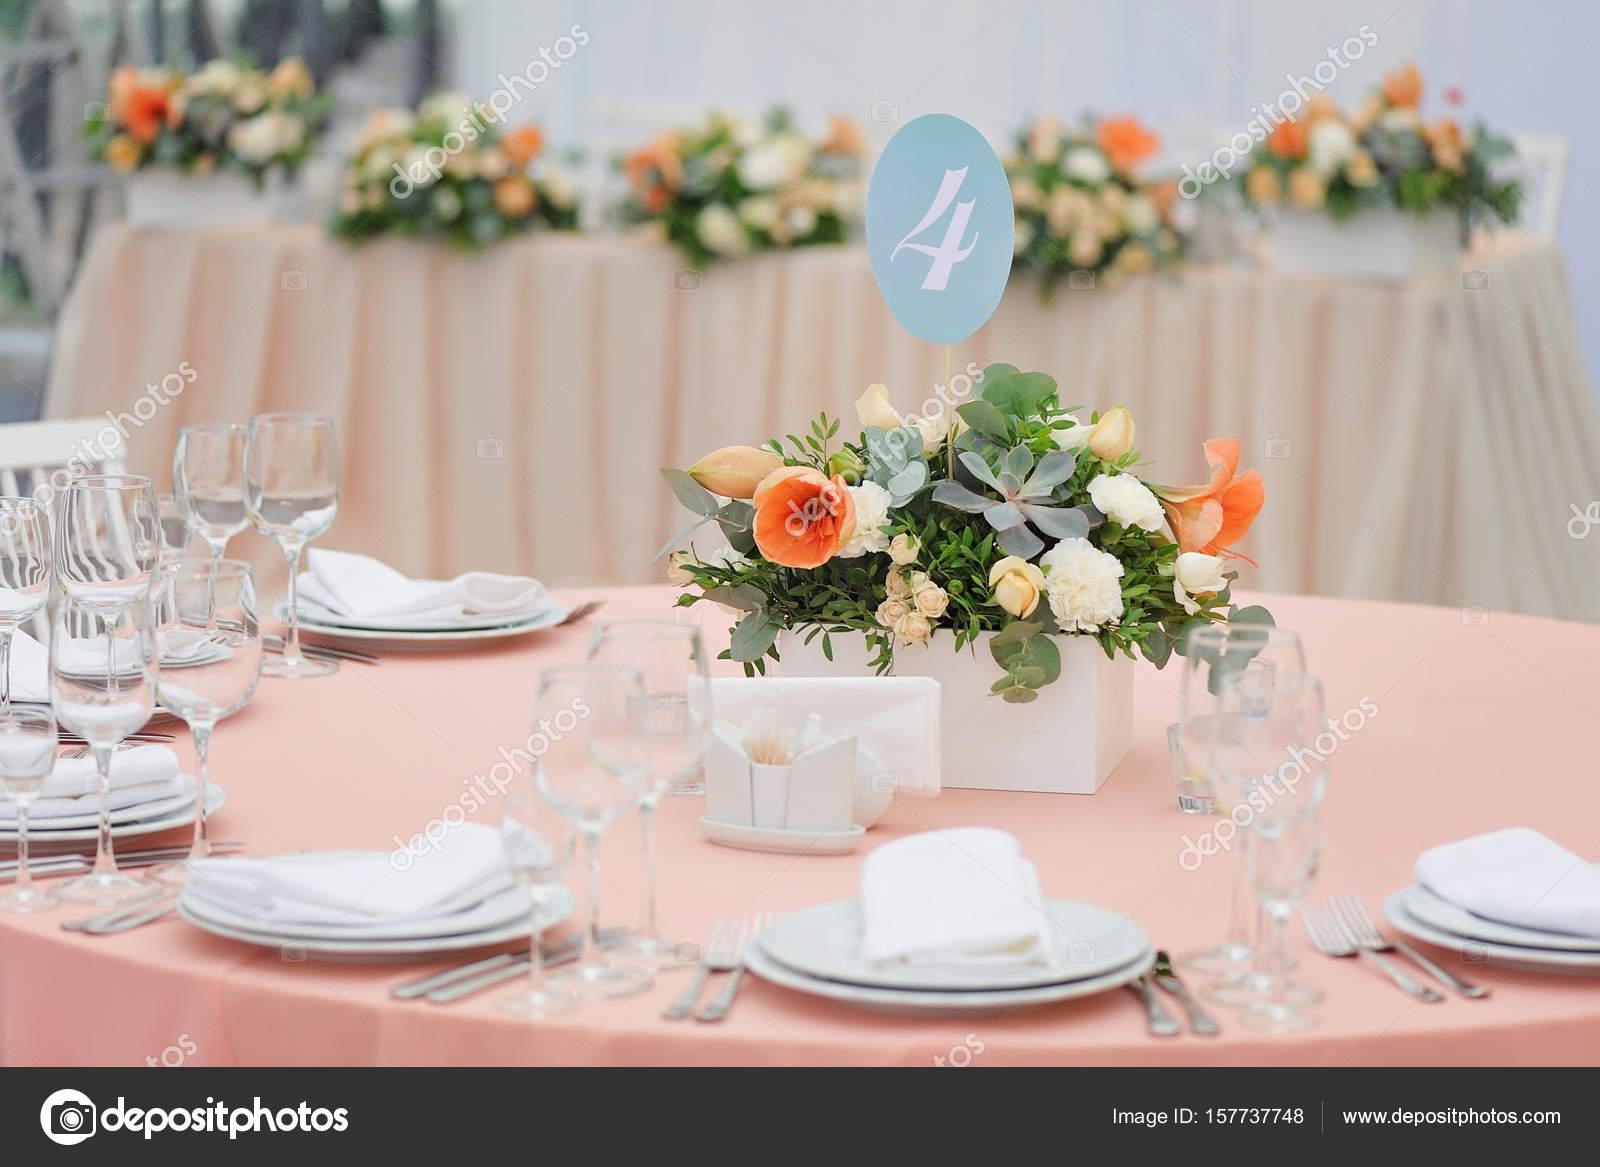 Decorazioni Matrimonio Arancione : Matrimonio ospite tavolo decorato con bouquet e impostazioni